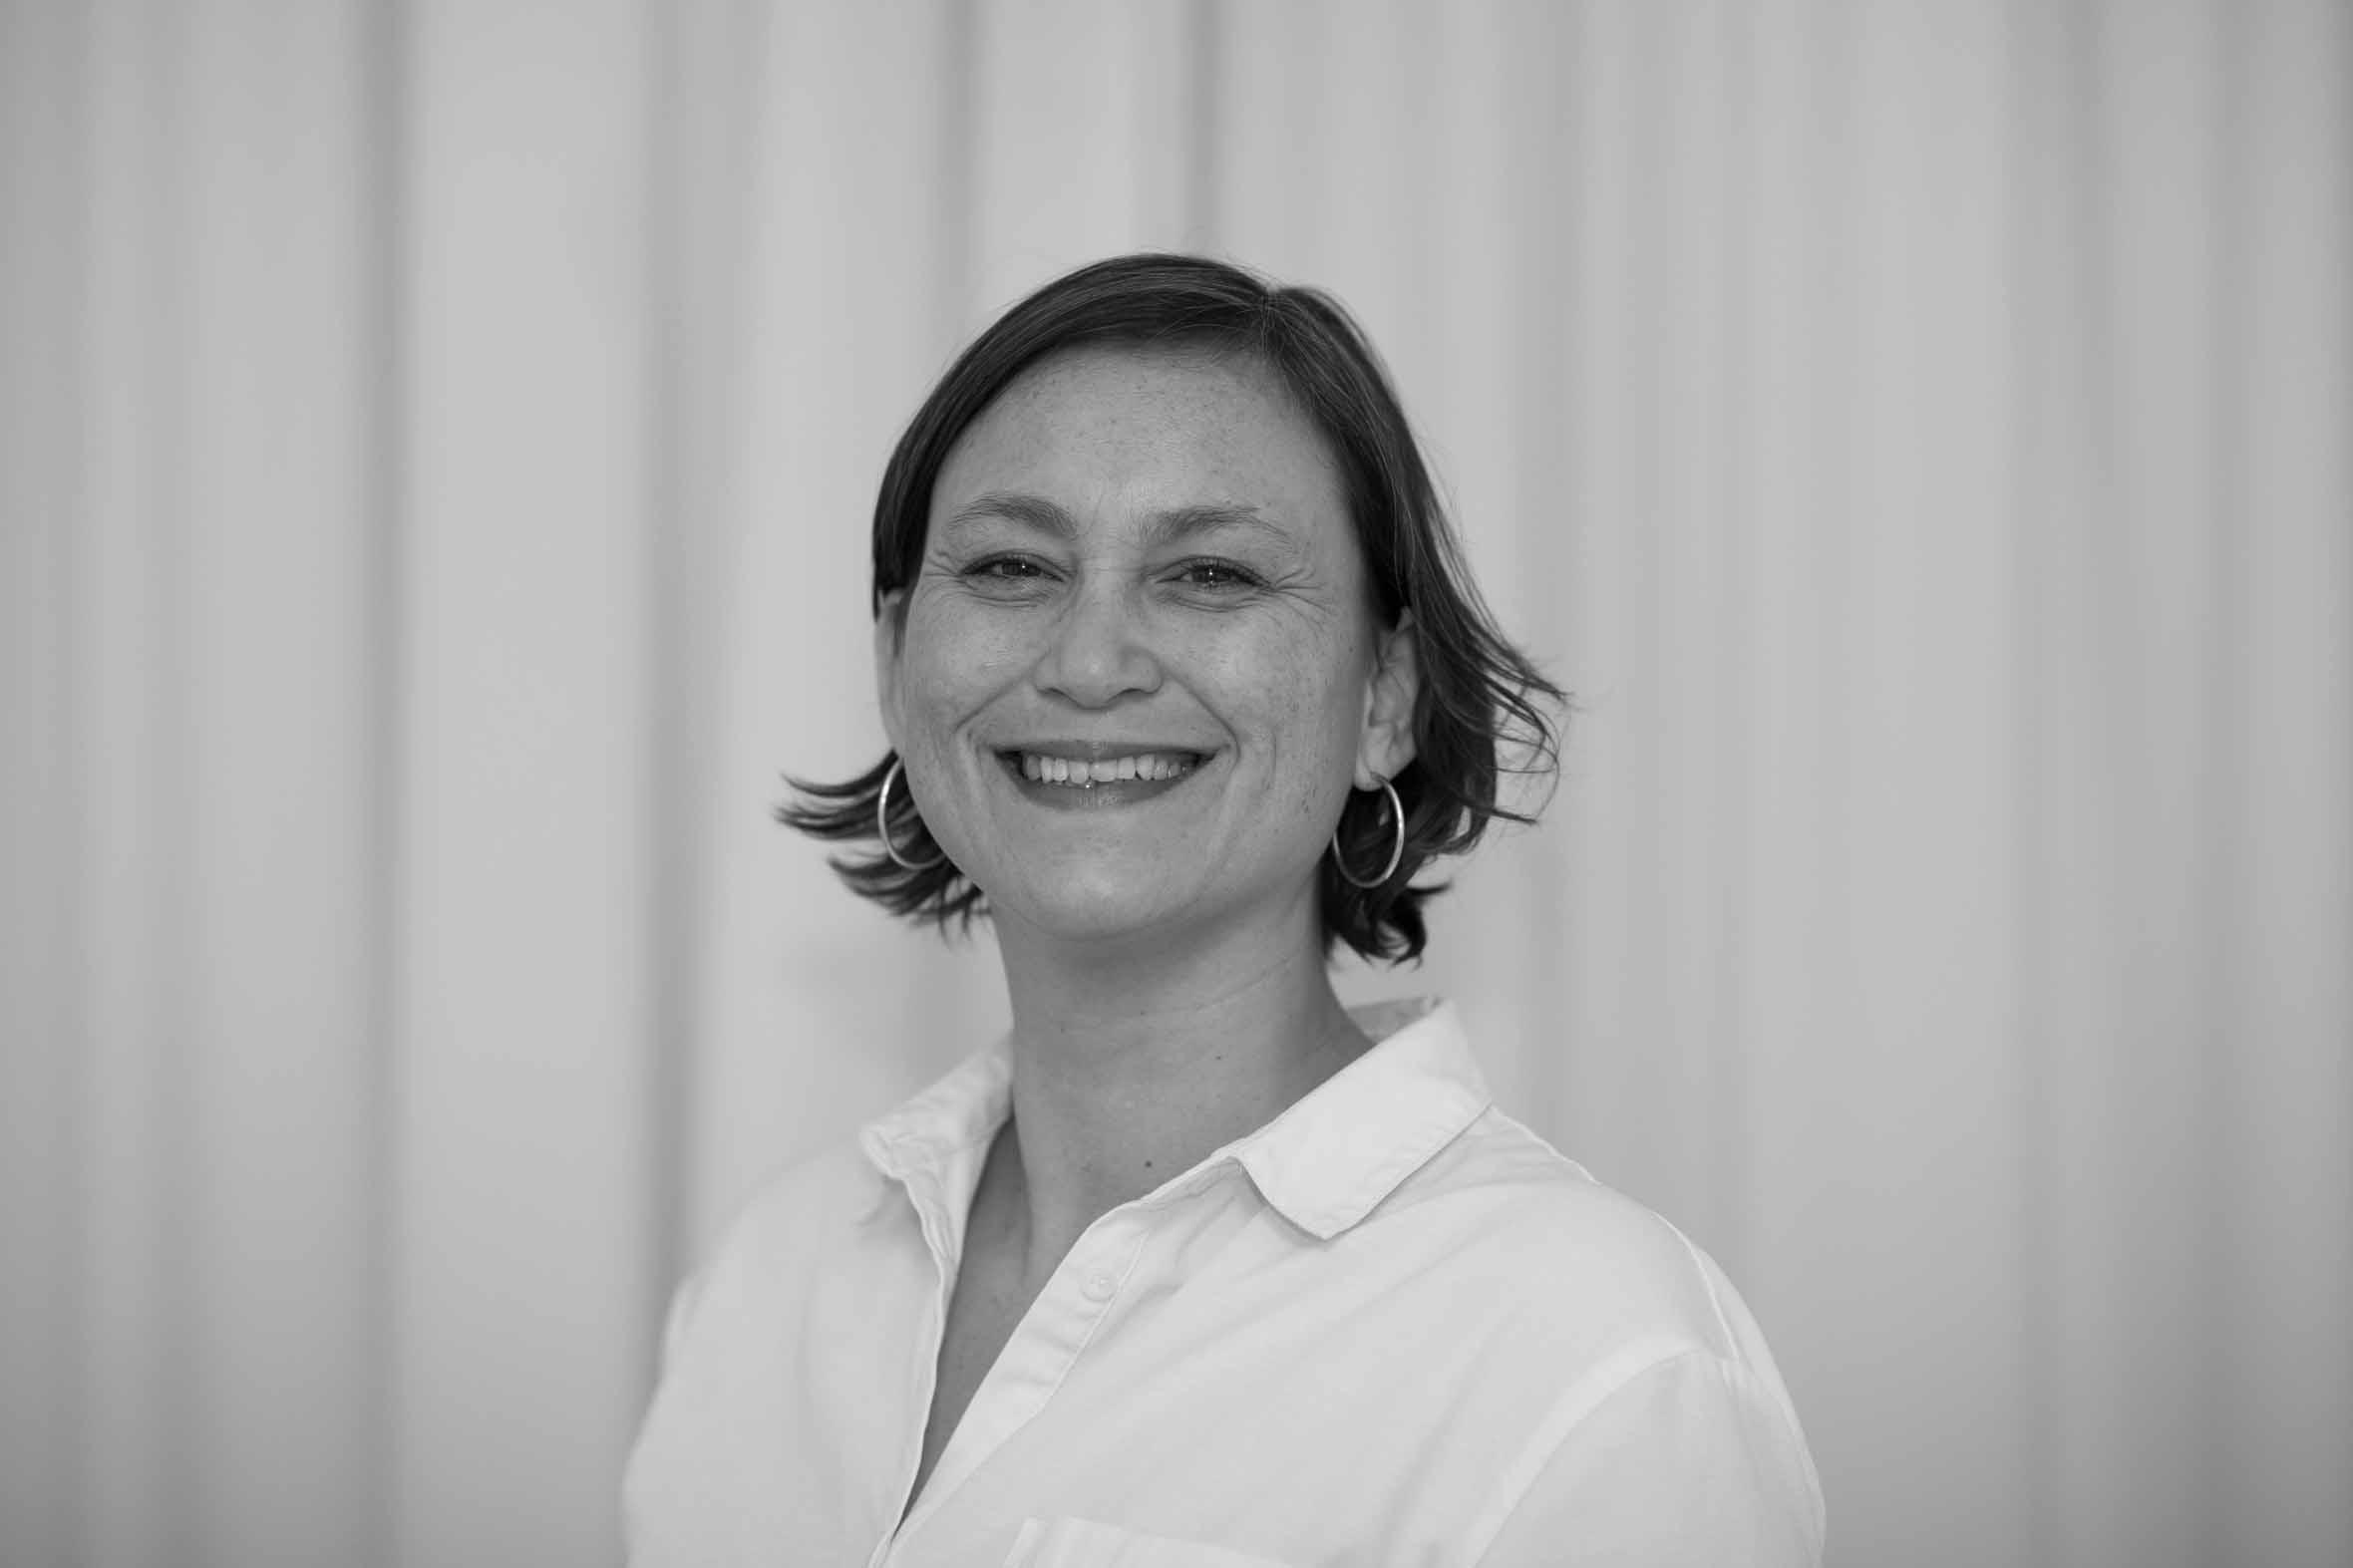 Muriel Nagengast Pijnenburg en Roder